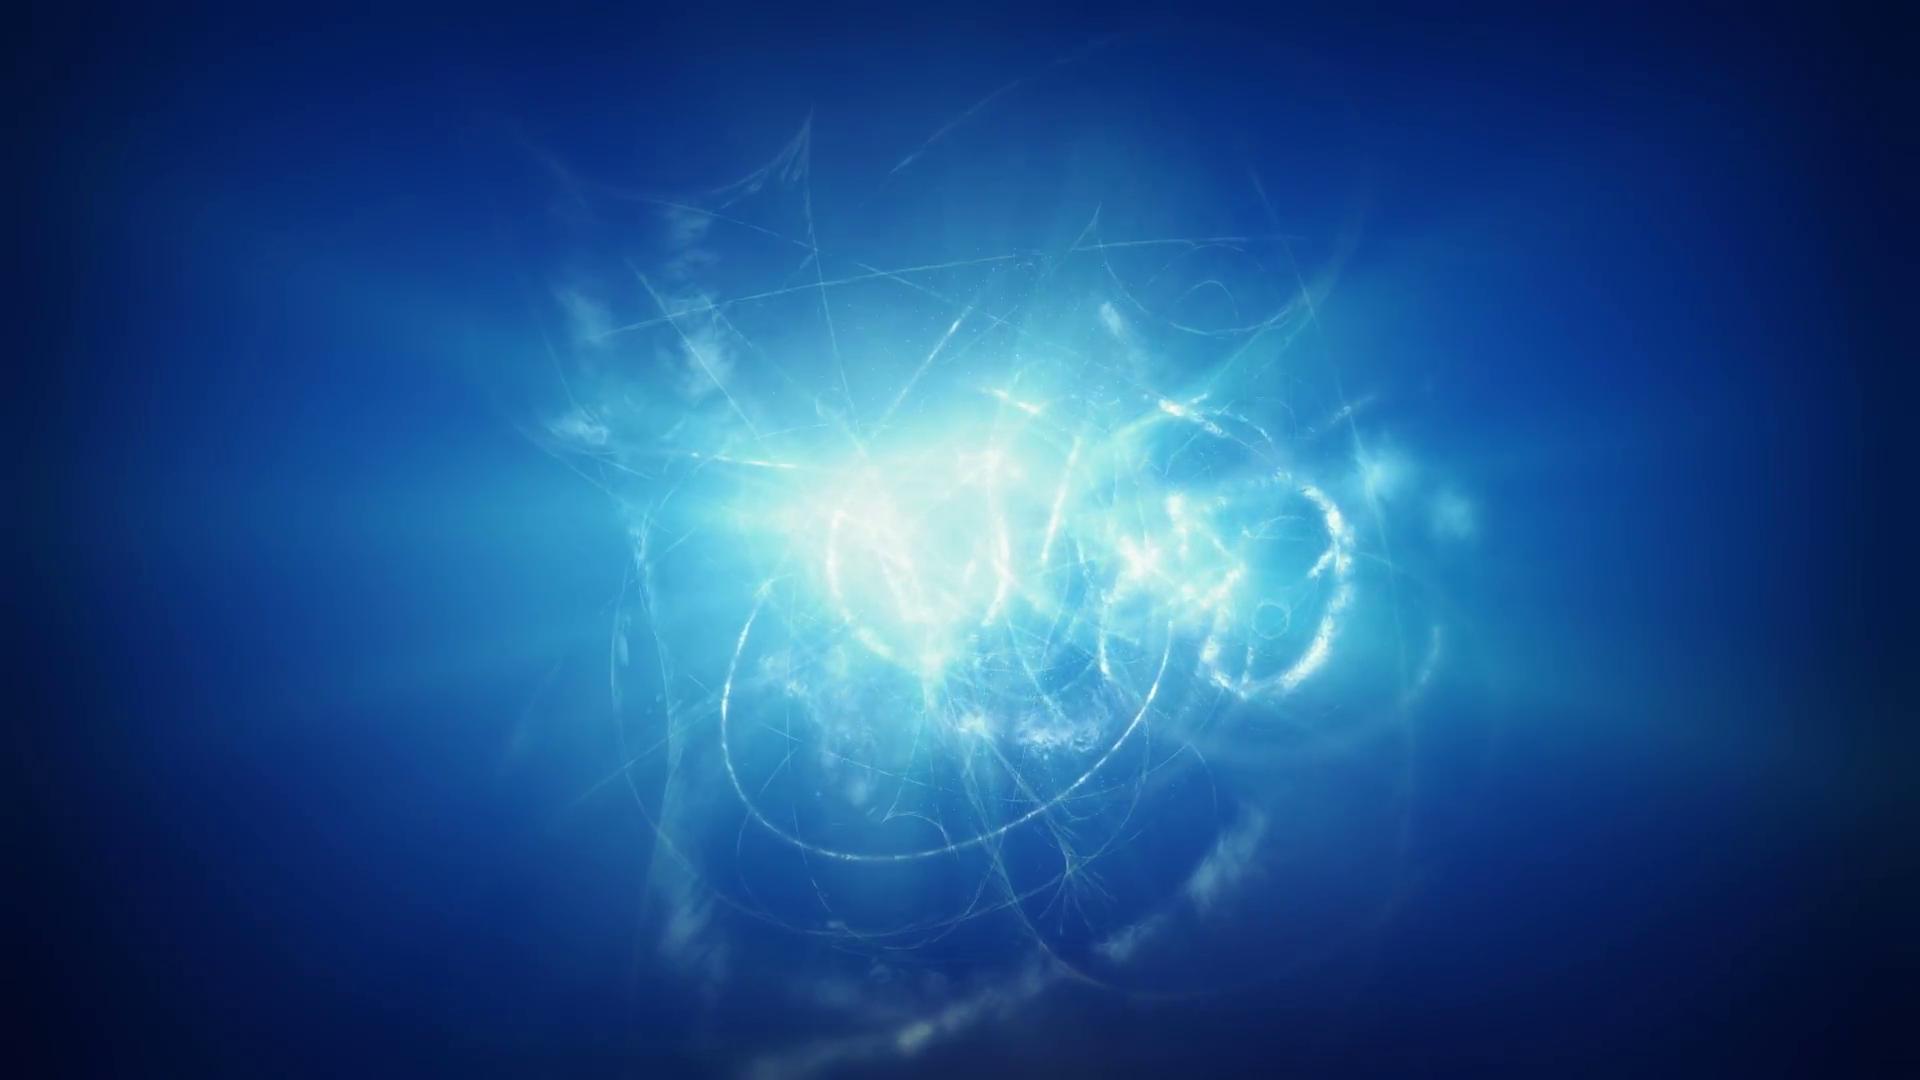 Blue energy background Blue shining plasma background Motion Background.